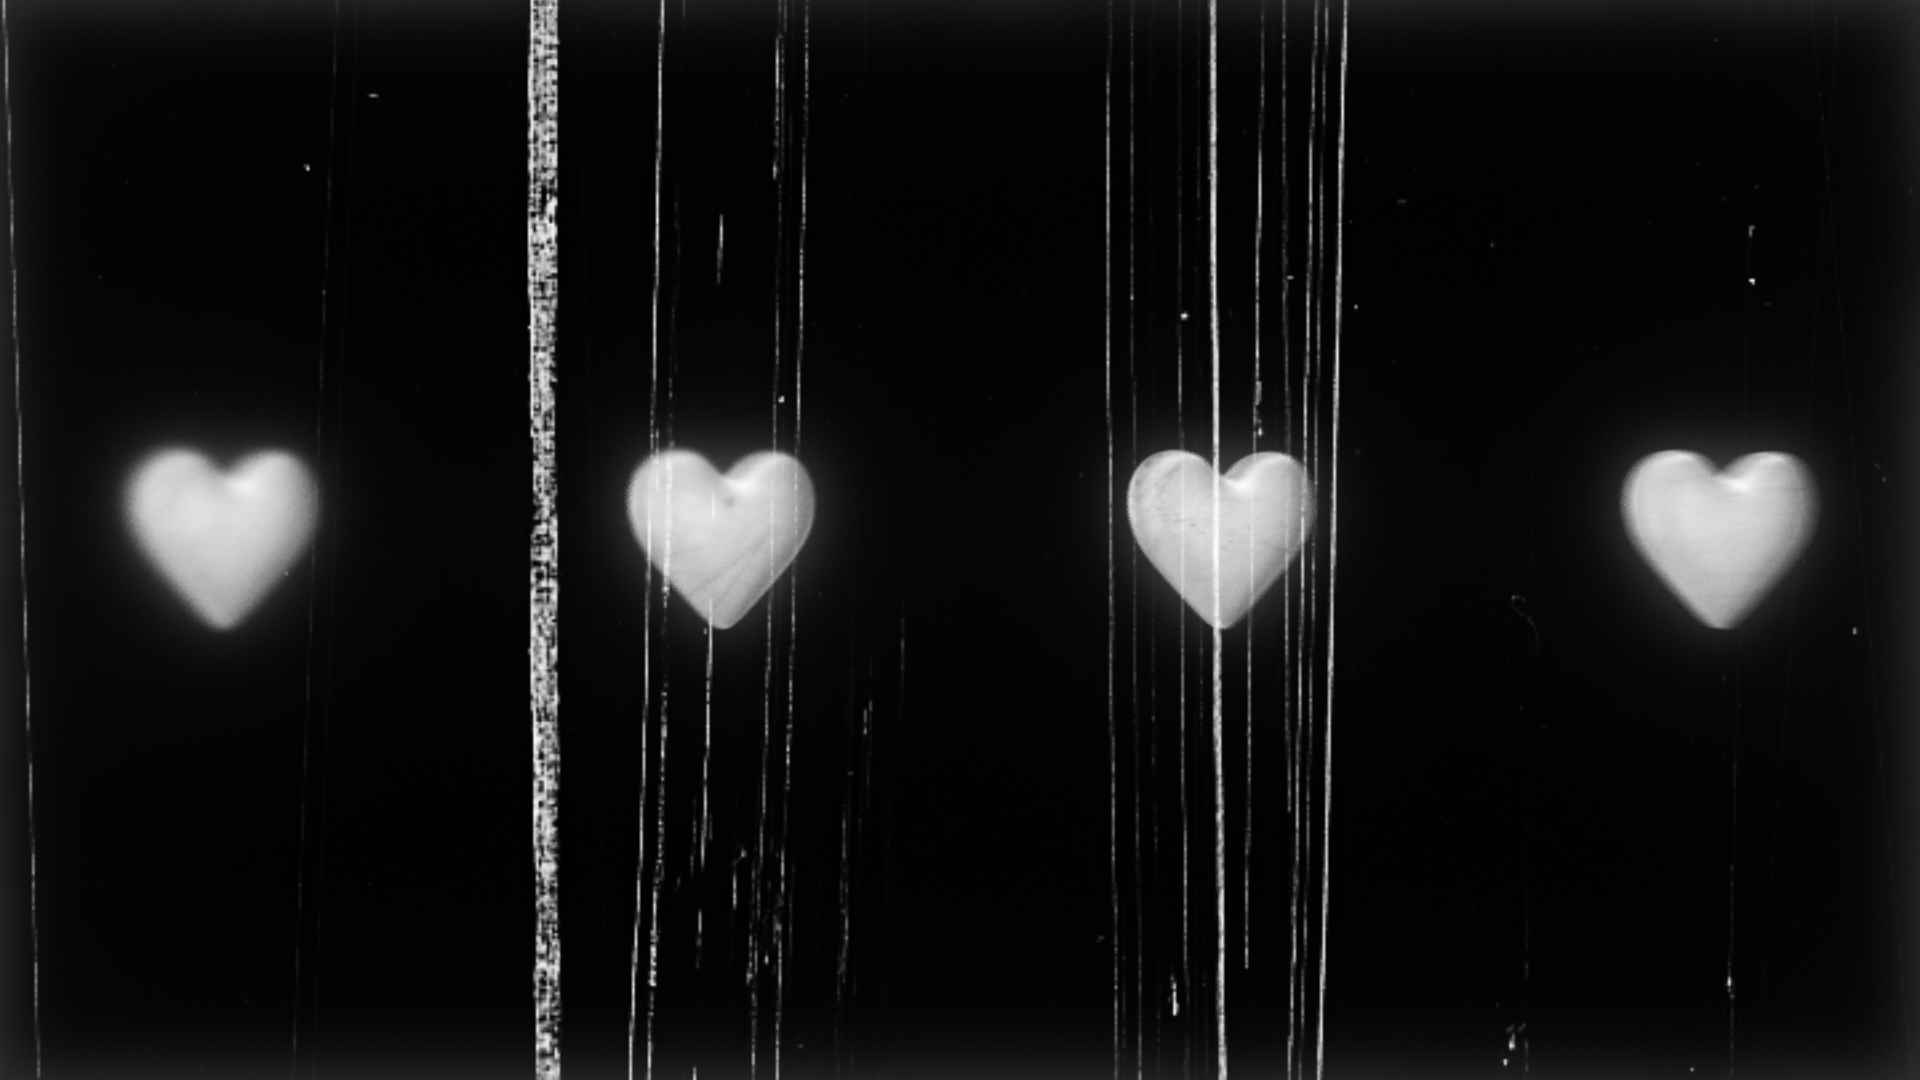 SeeingSounds_LoveWon'tLetMeDown_Loop9_1920x1080.jpg